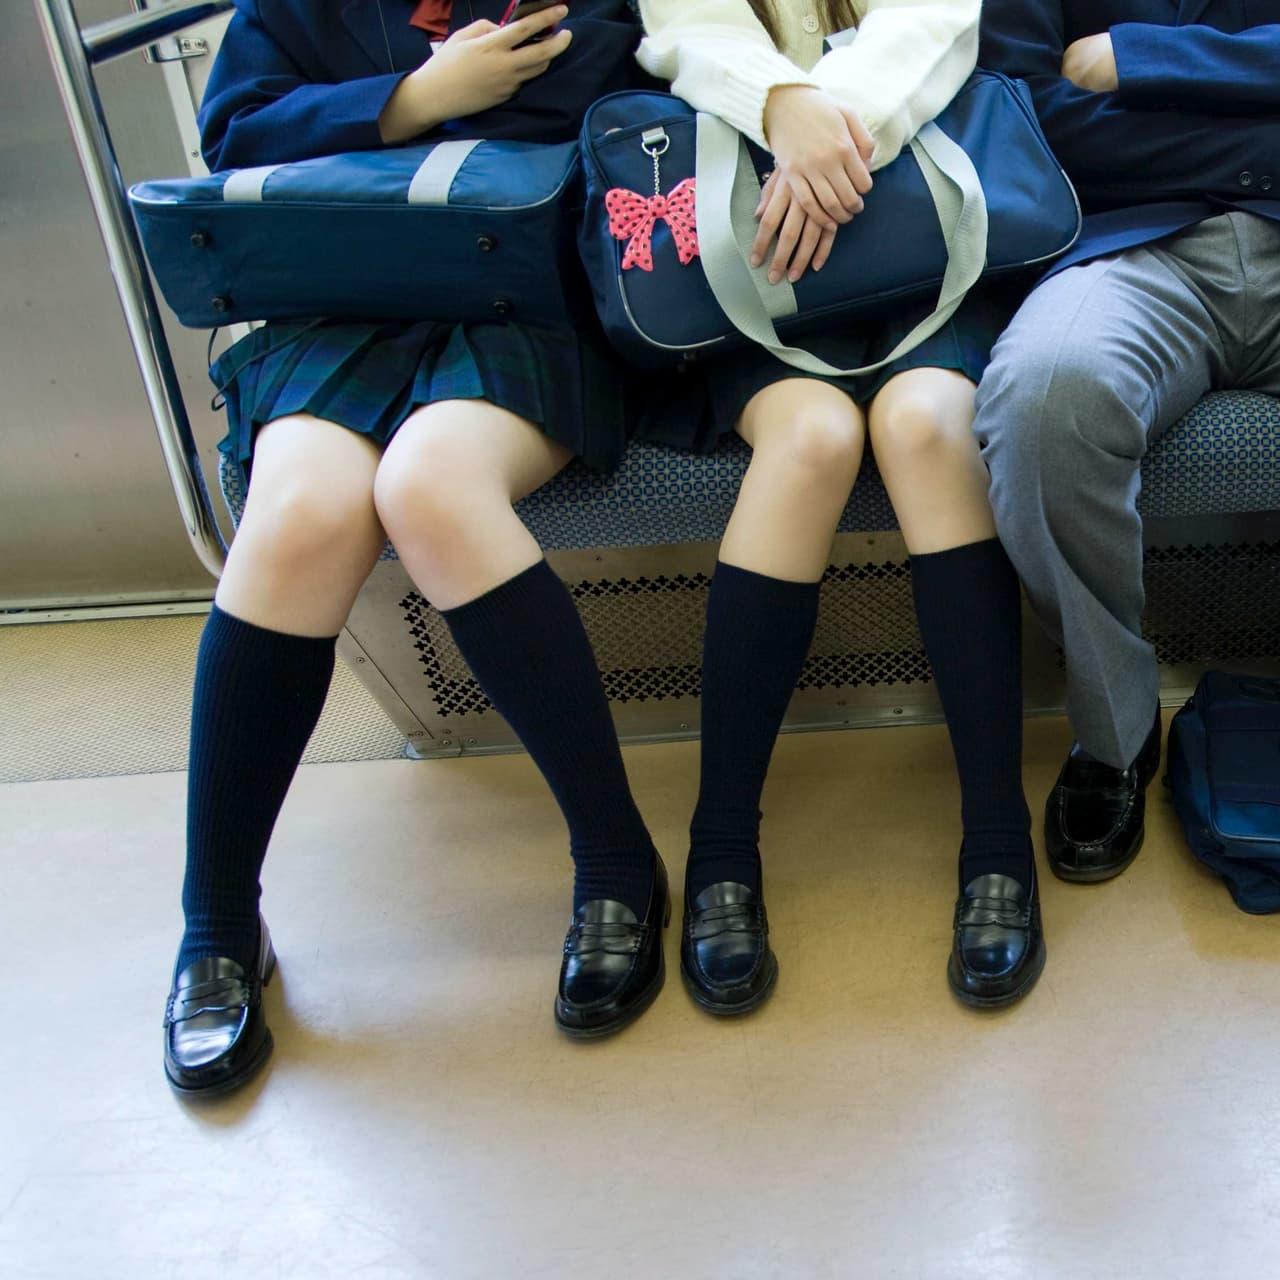 【学校・校則】子どもたちはコロナ禍を生き抜く「考える力」を育めているか